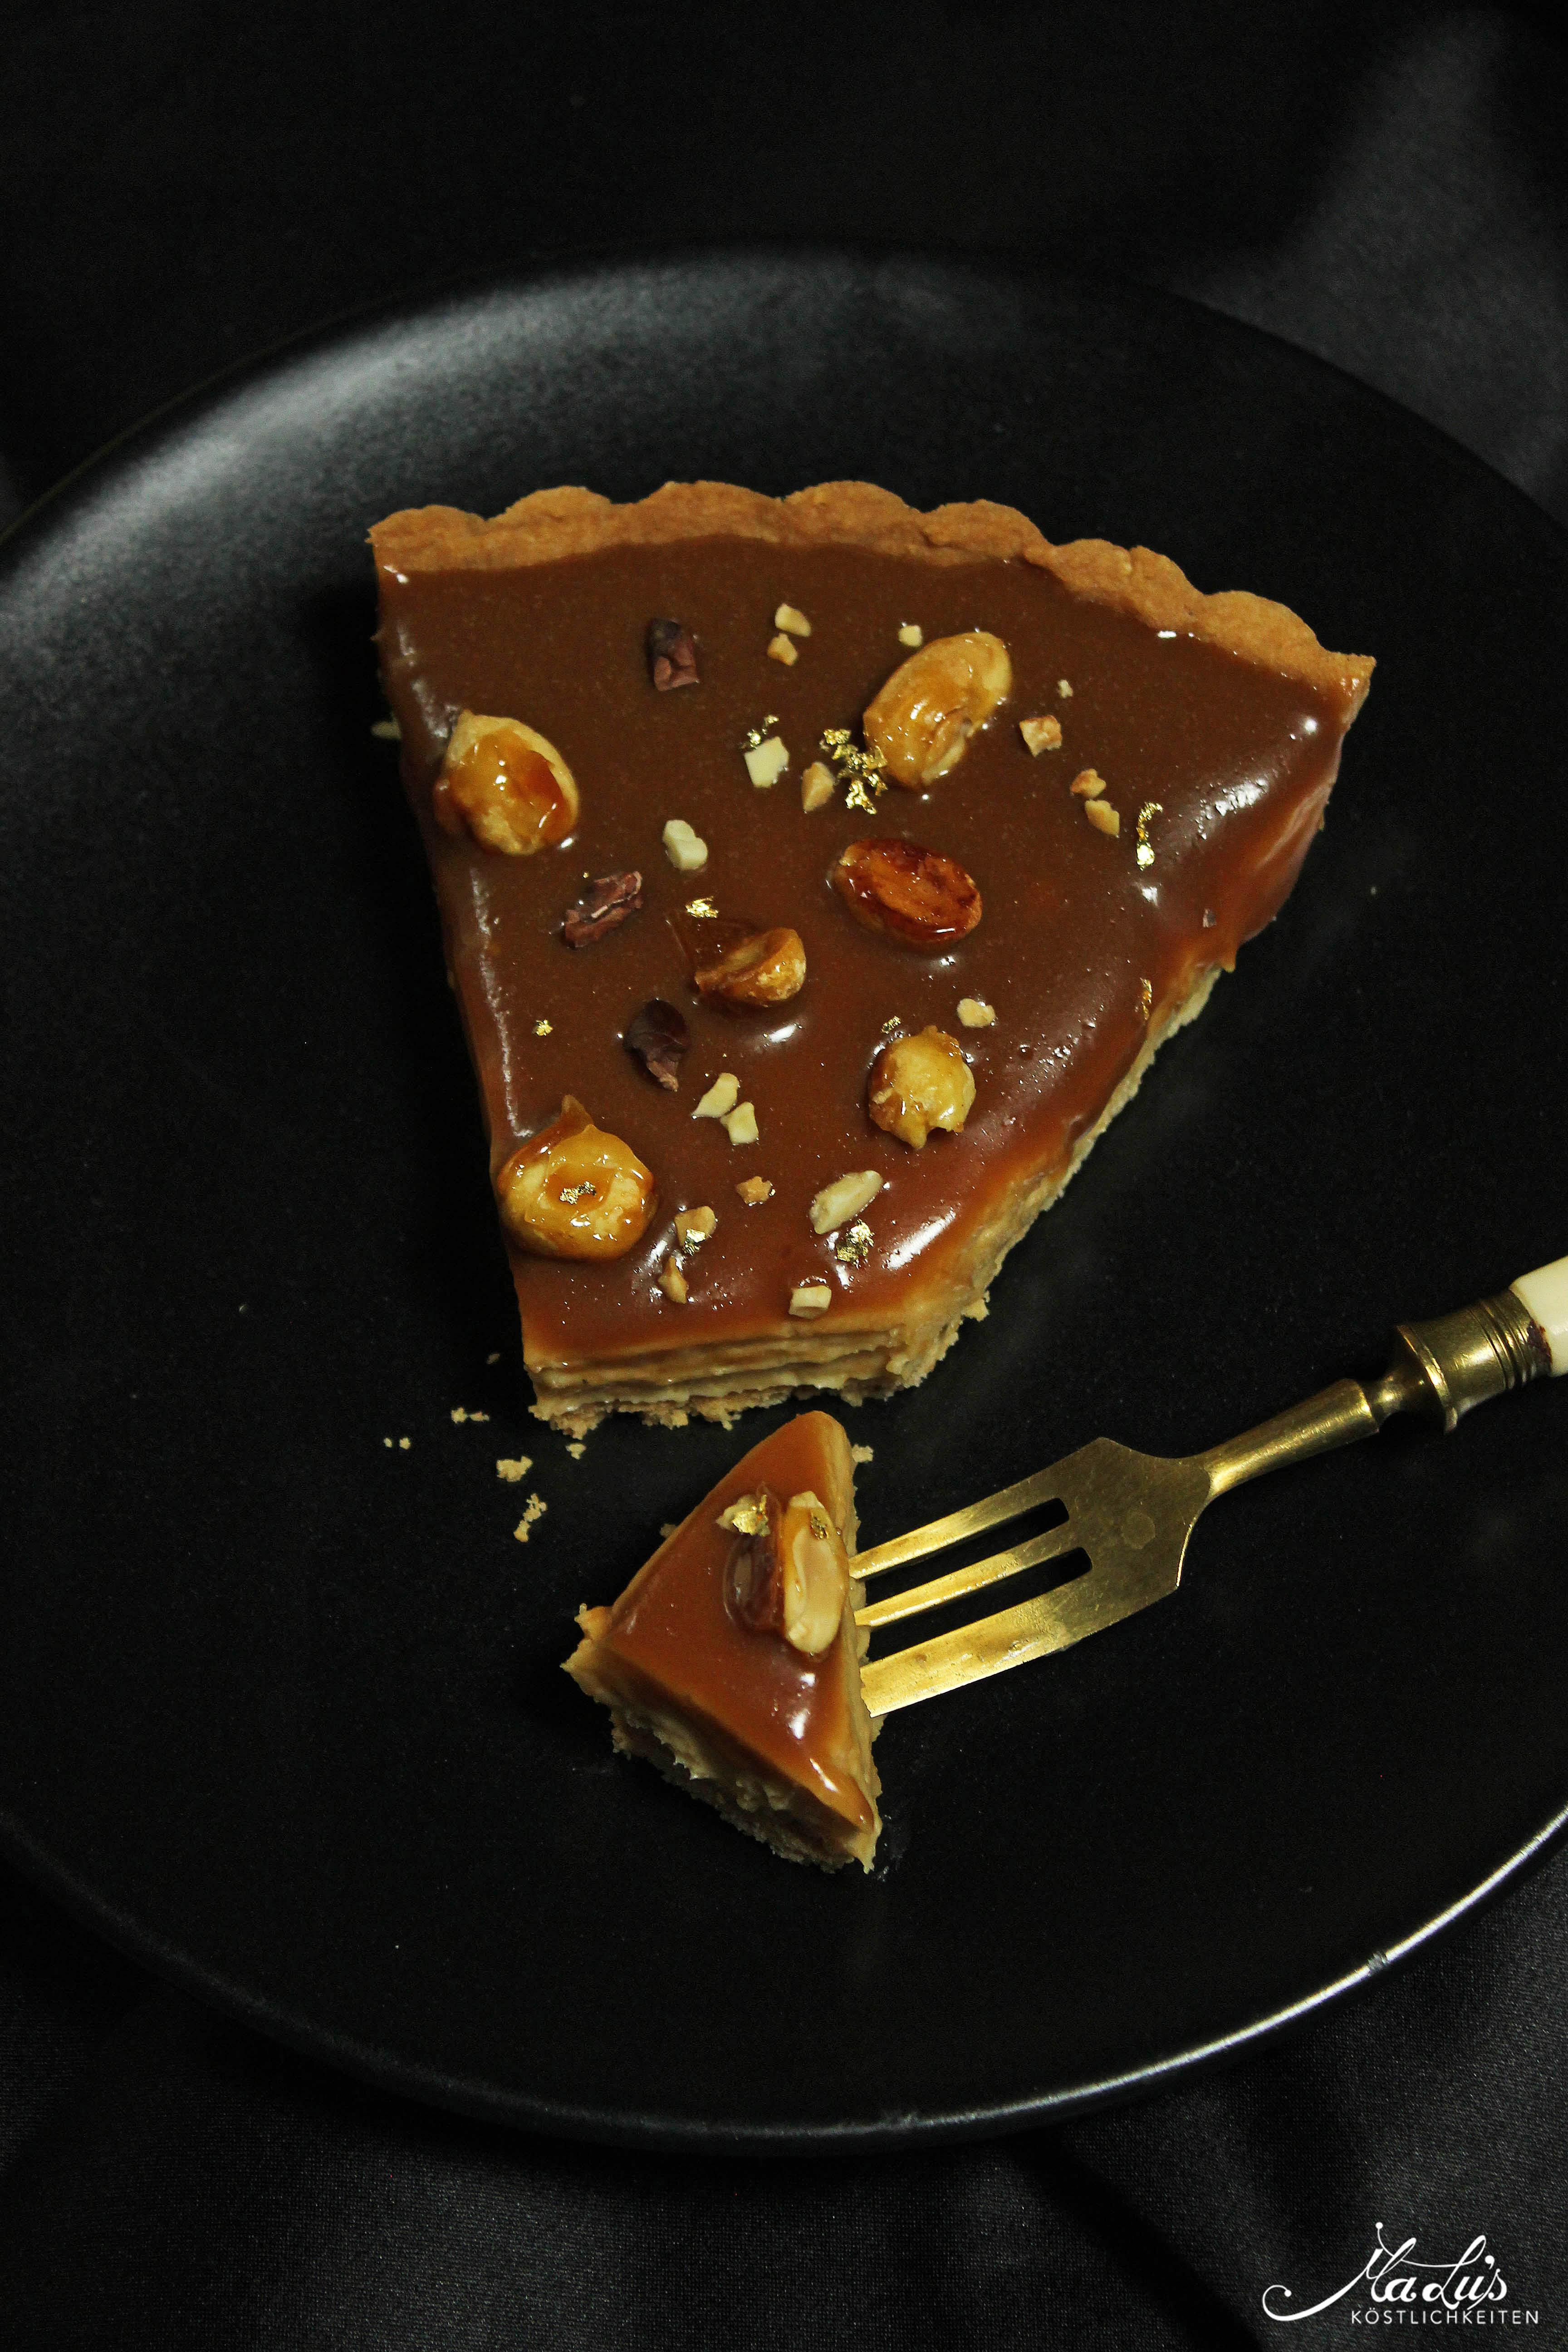 Cremige Karamell-Erdnuss Tarte mit gerösteten Nüssen